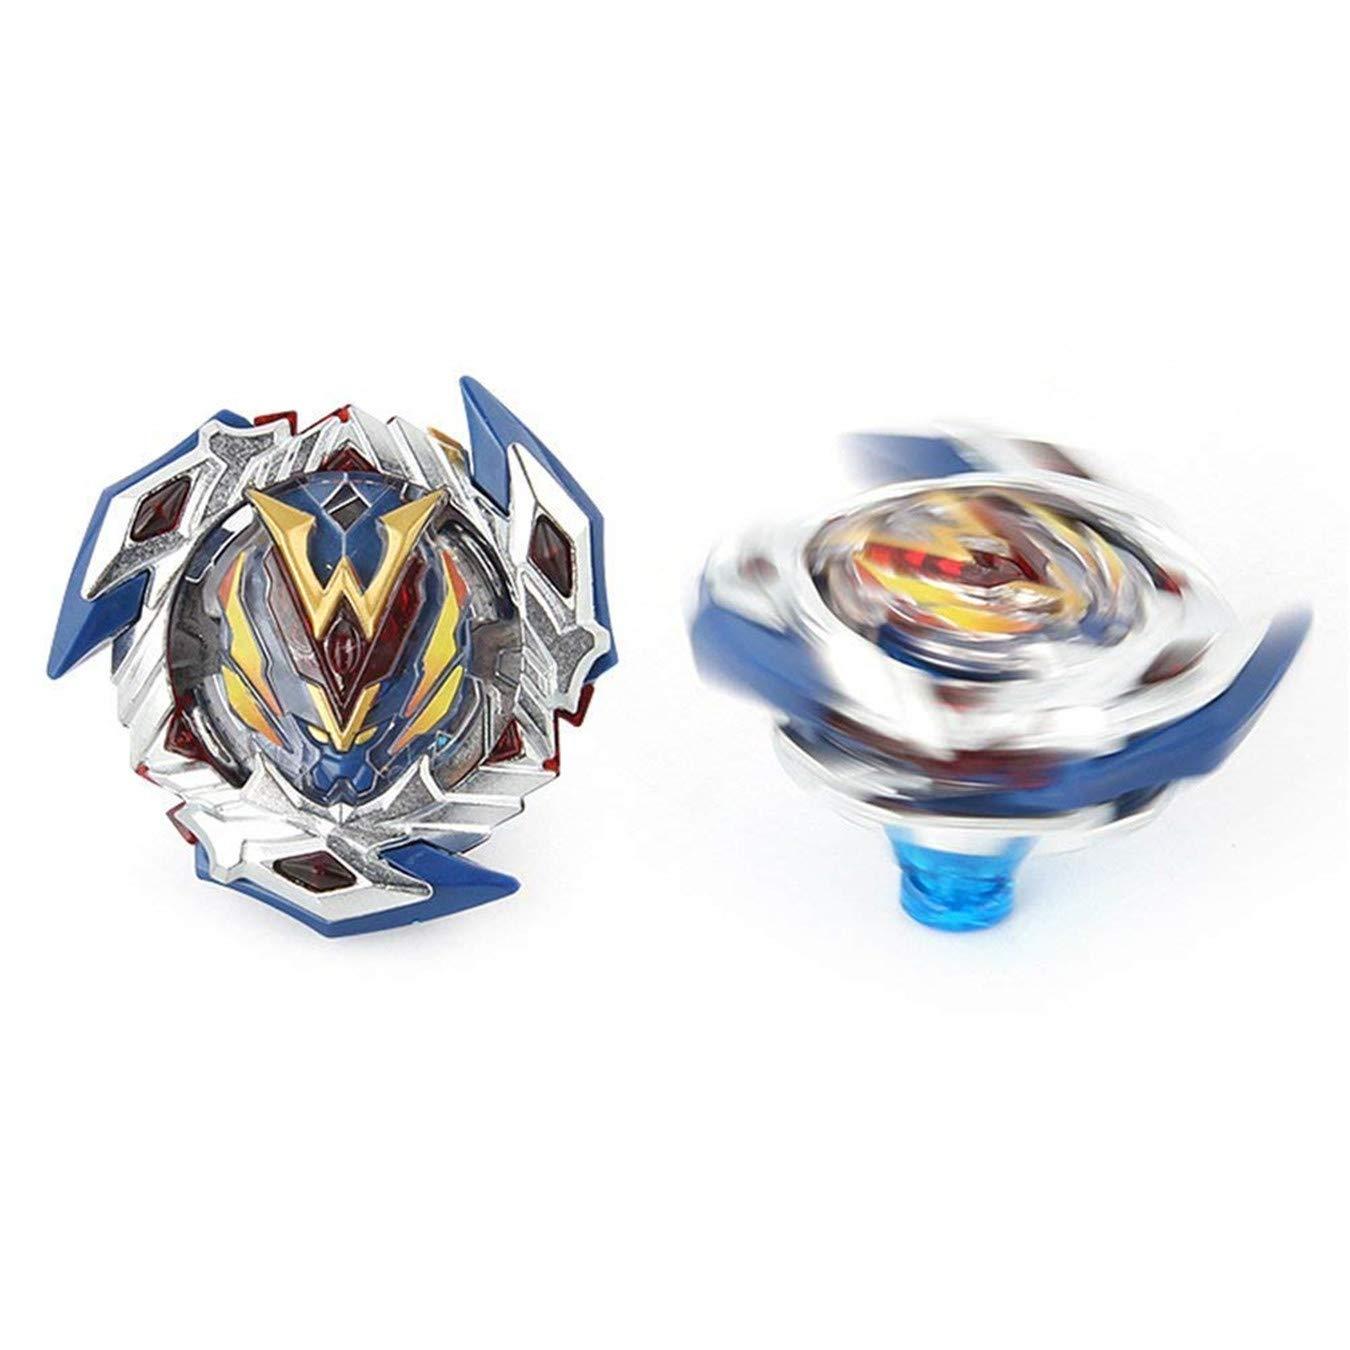 Queque Shine Set de Beyblade Lutte Ma/îtres Fusion Spinning Top Toupie Gyro M/étal Rapidit/é Jouet et Cadeaux Int/éressant pour Enfants B-00